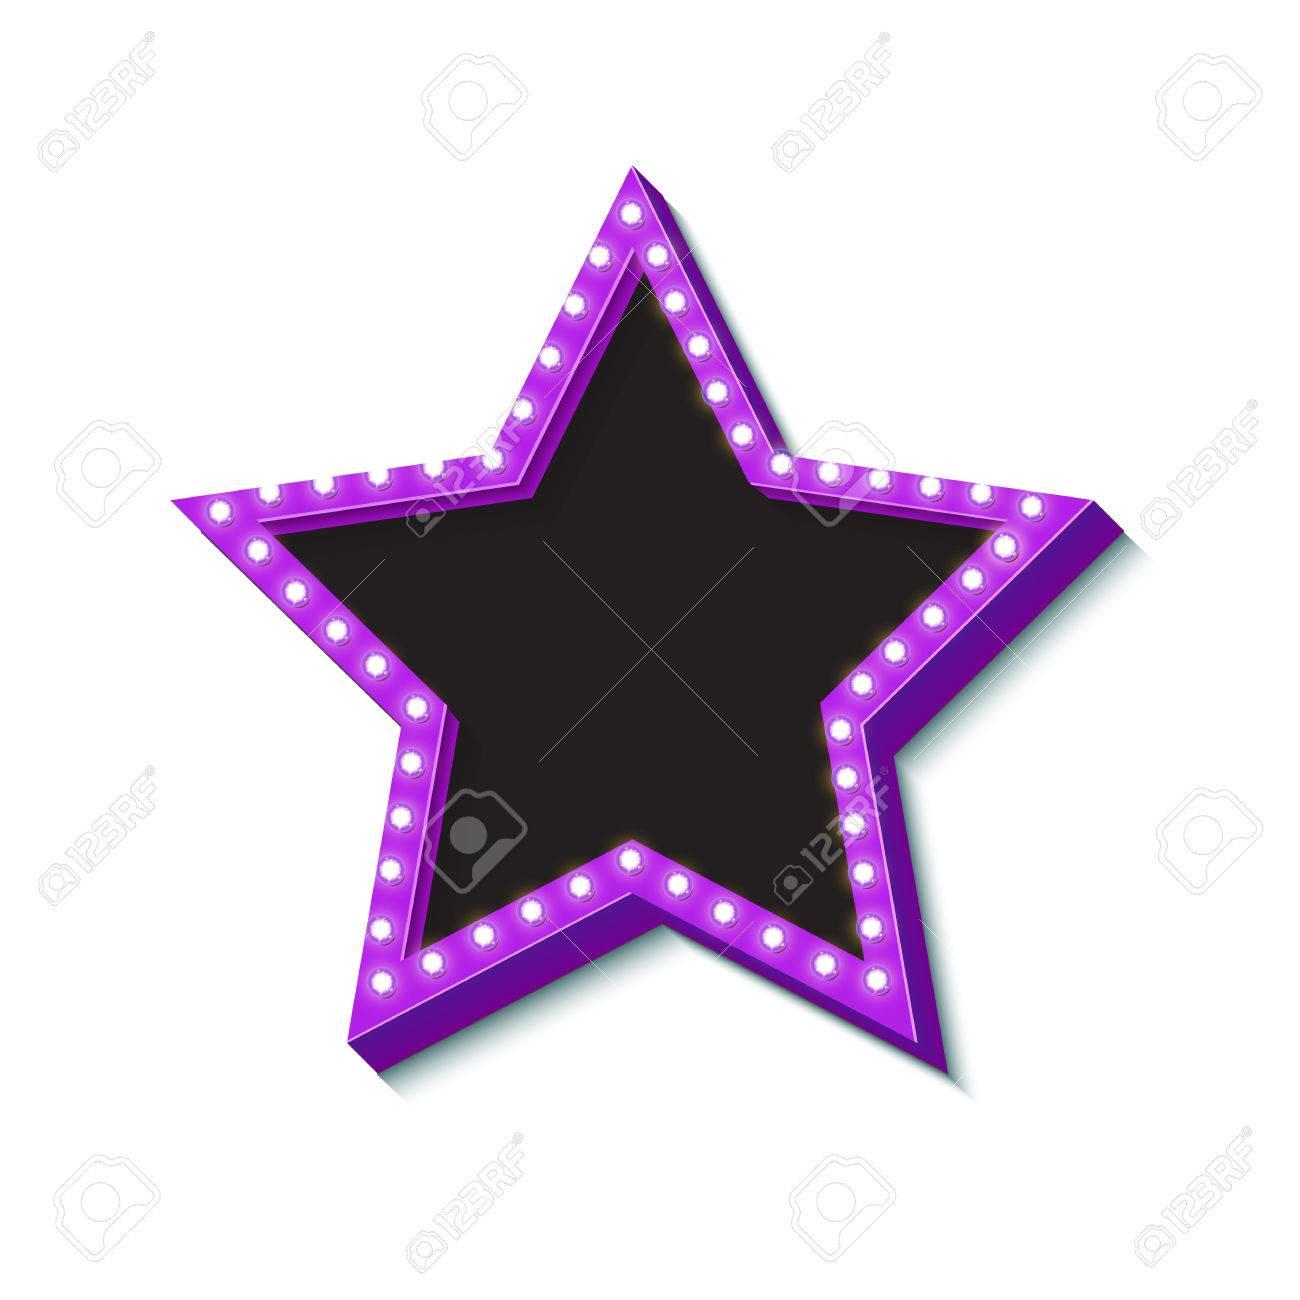 Retro Neon-Sterne Mit Lichtern. Vintage-Symbol Für Einen Stern ...